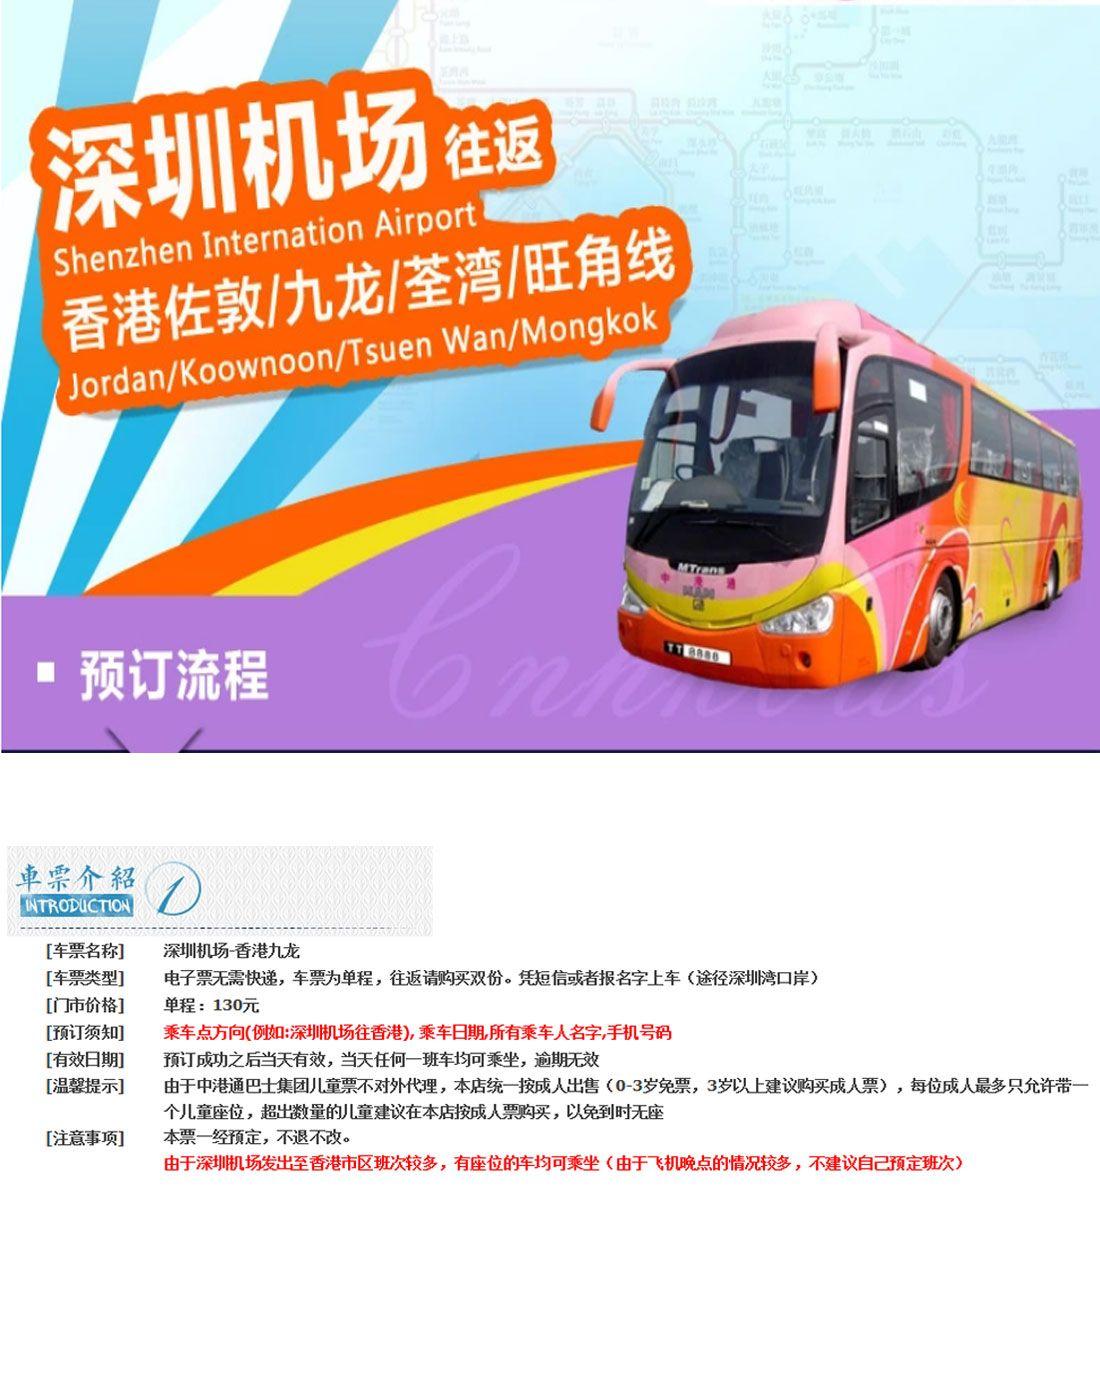 【中港通巴士】深圳机场至香港九龙跨境巴士电子票,有效期至2015-12